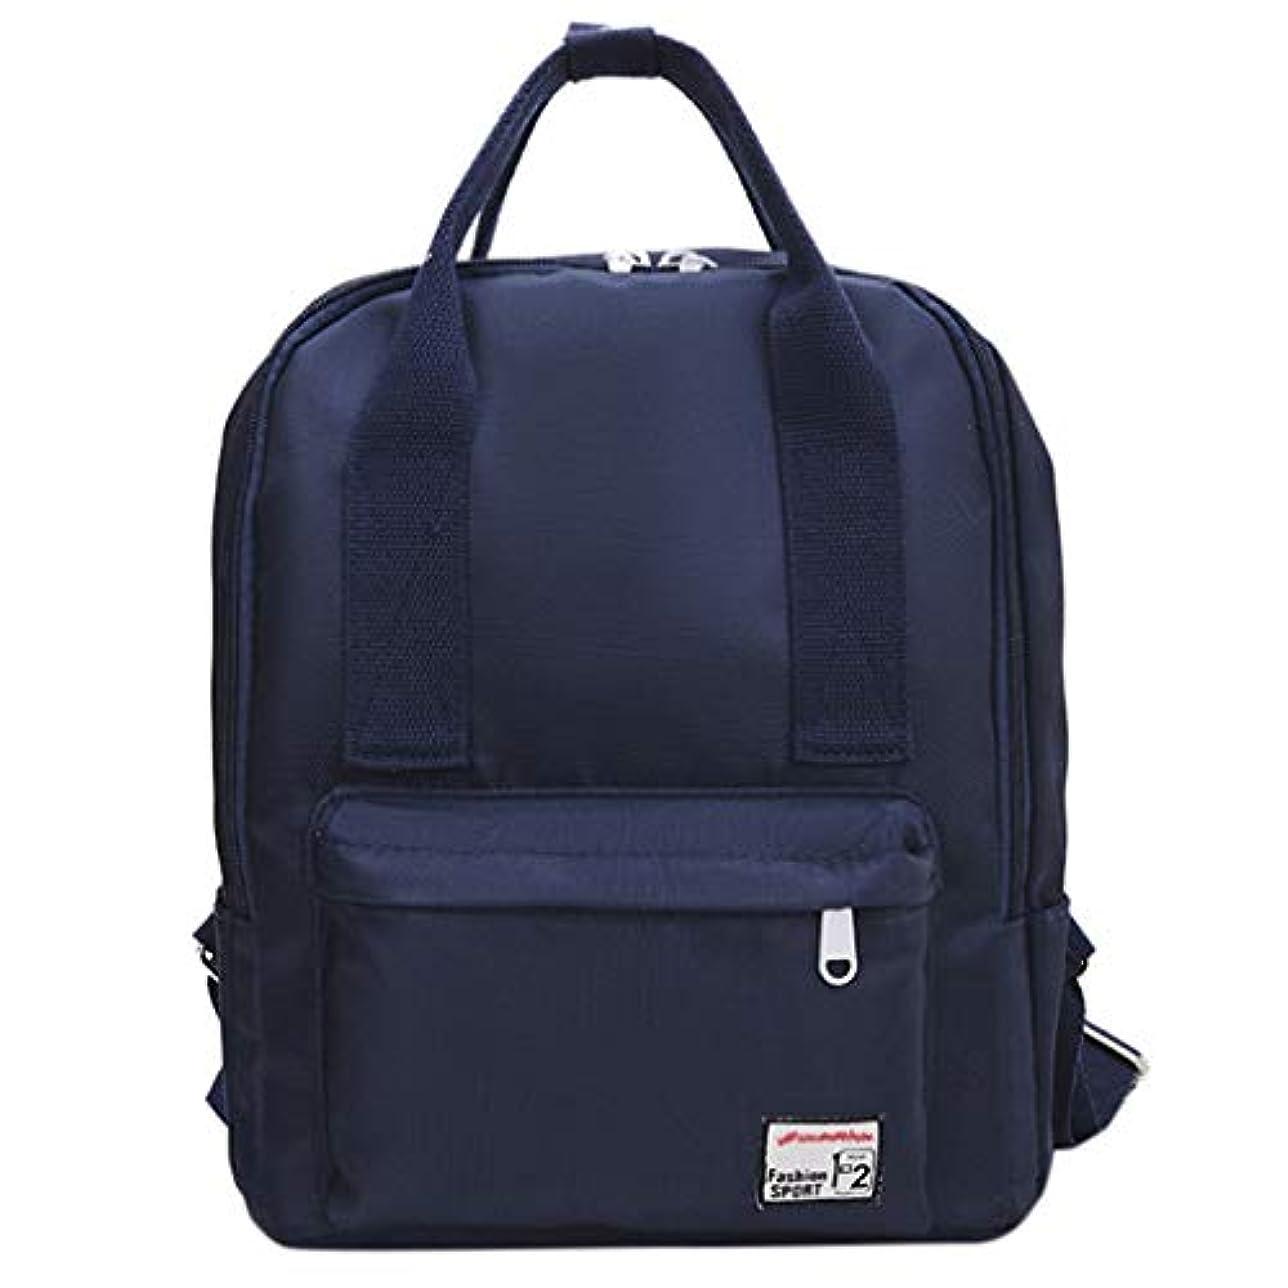 剥ぎ取る食堂メロディアス女の子屋外かわいいシンプルなナイロンバックパック、学生襟カラーアートバッグ屋外軽量旅行ポータブル耐久性のあるバックパック